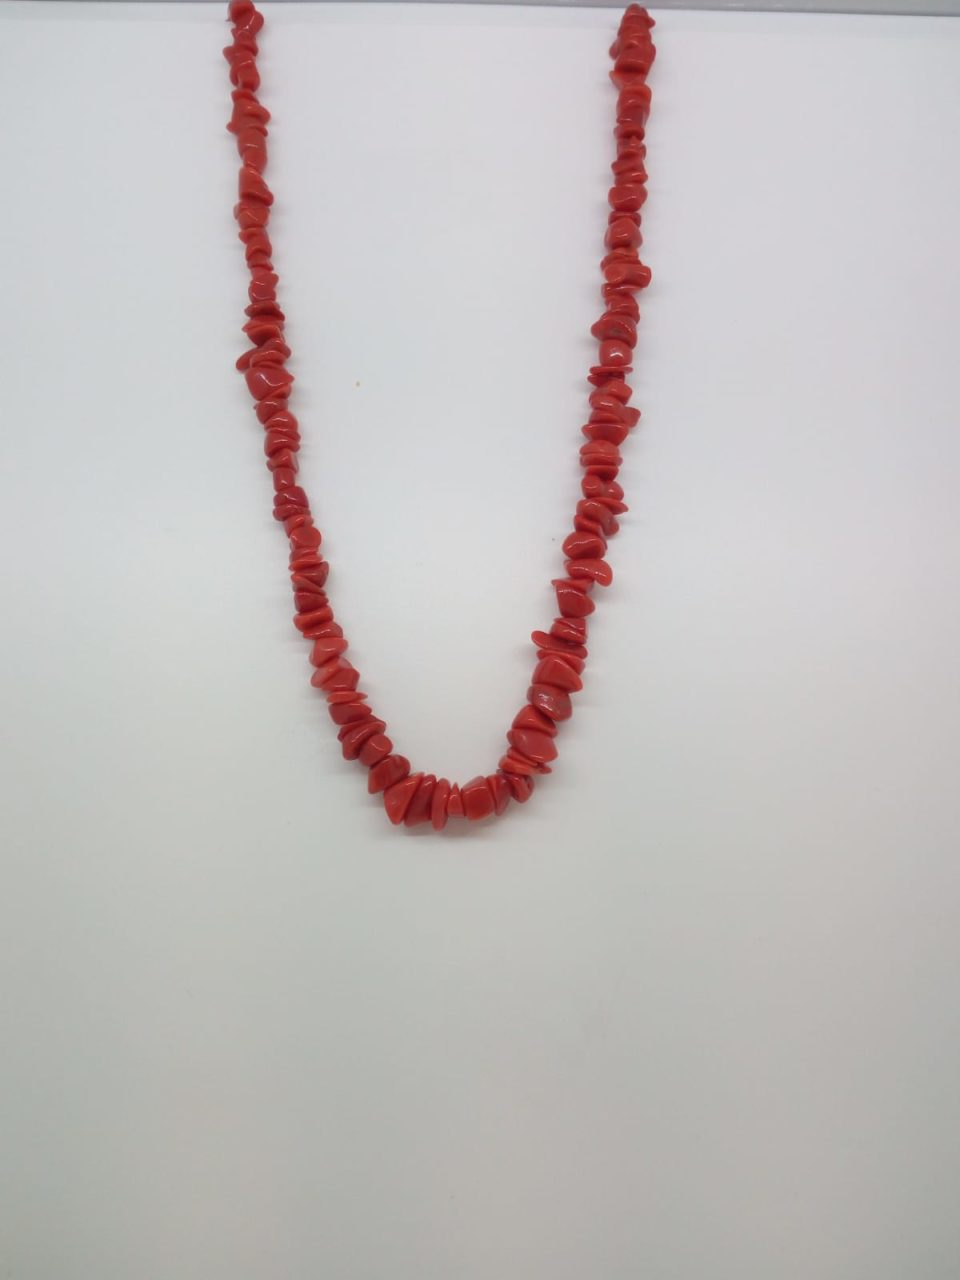 collana corallo rosso sardegna,red coral rough,corail rouge,korallen artigianato